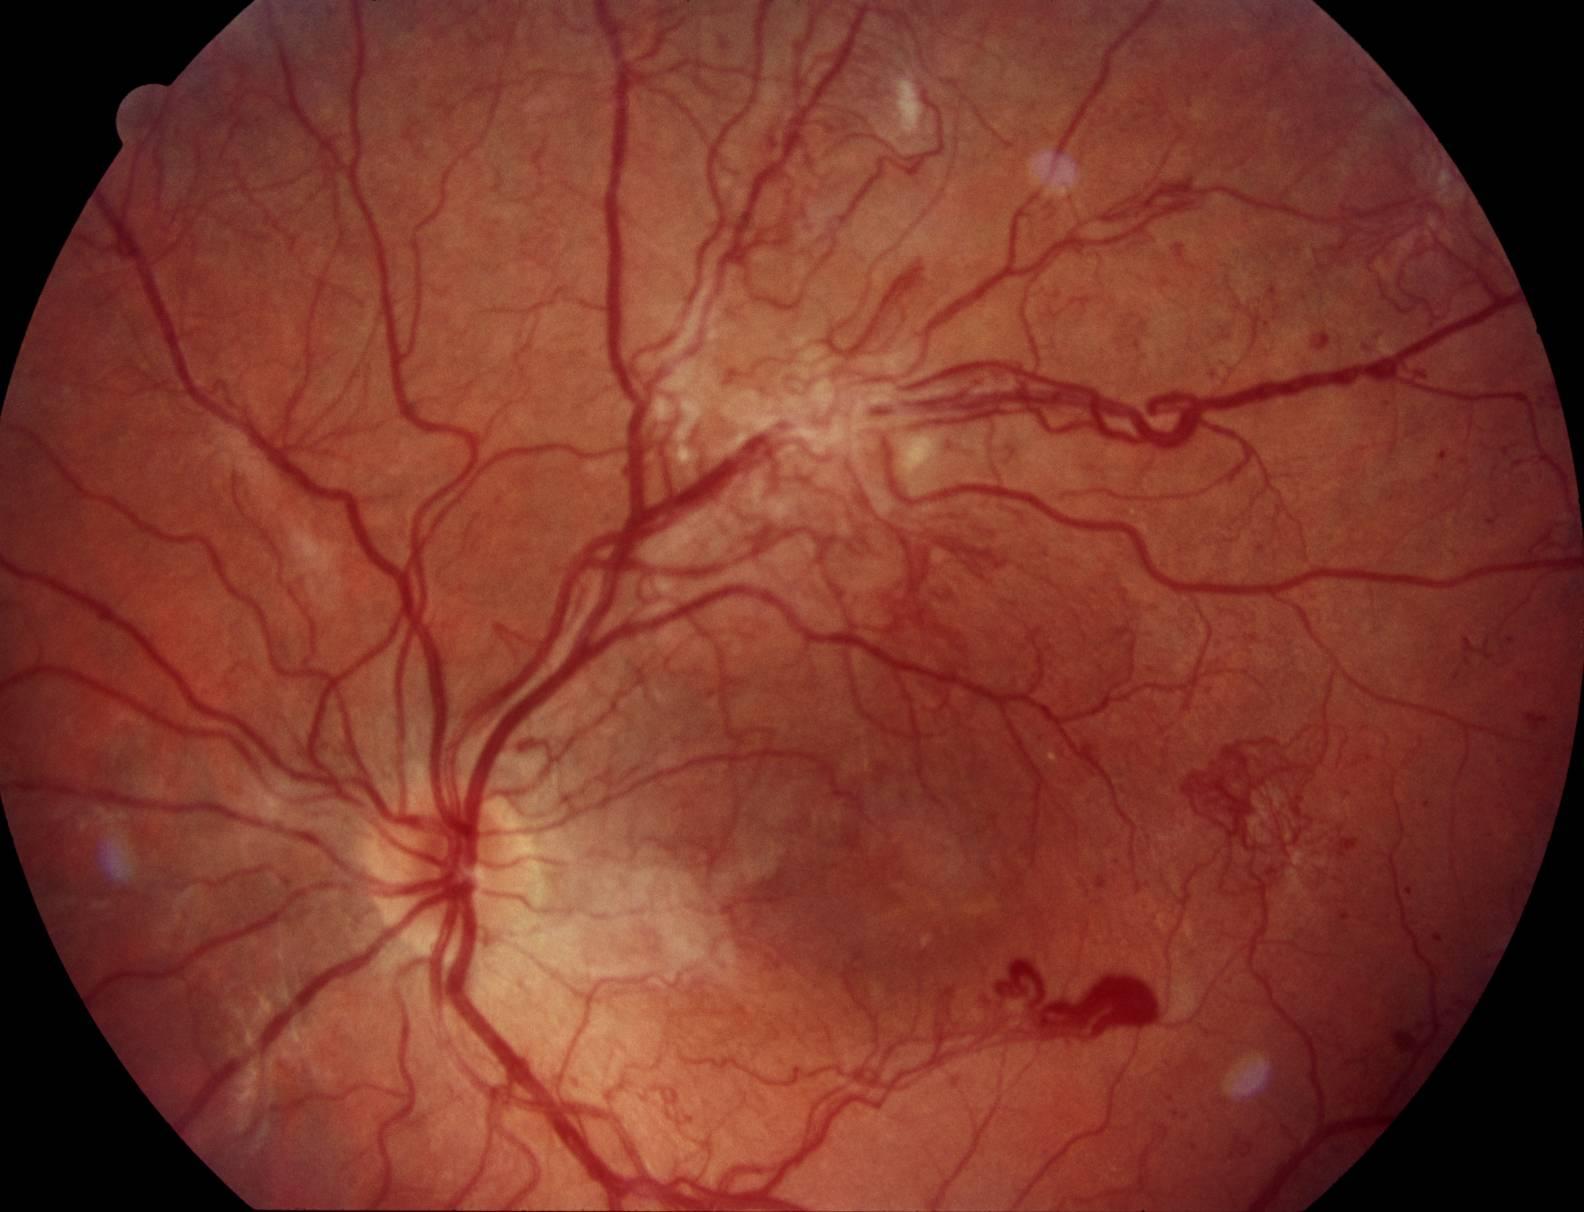 Ангиопатия сетчатки глаза у ребенка: причины, симптомы и лечение. детский офтальмолог - sammedic.ru